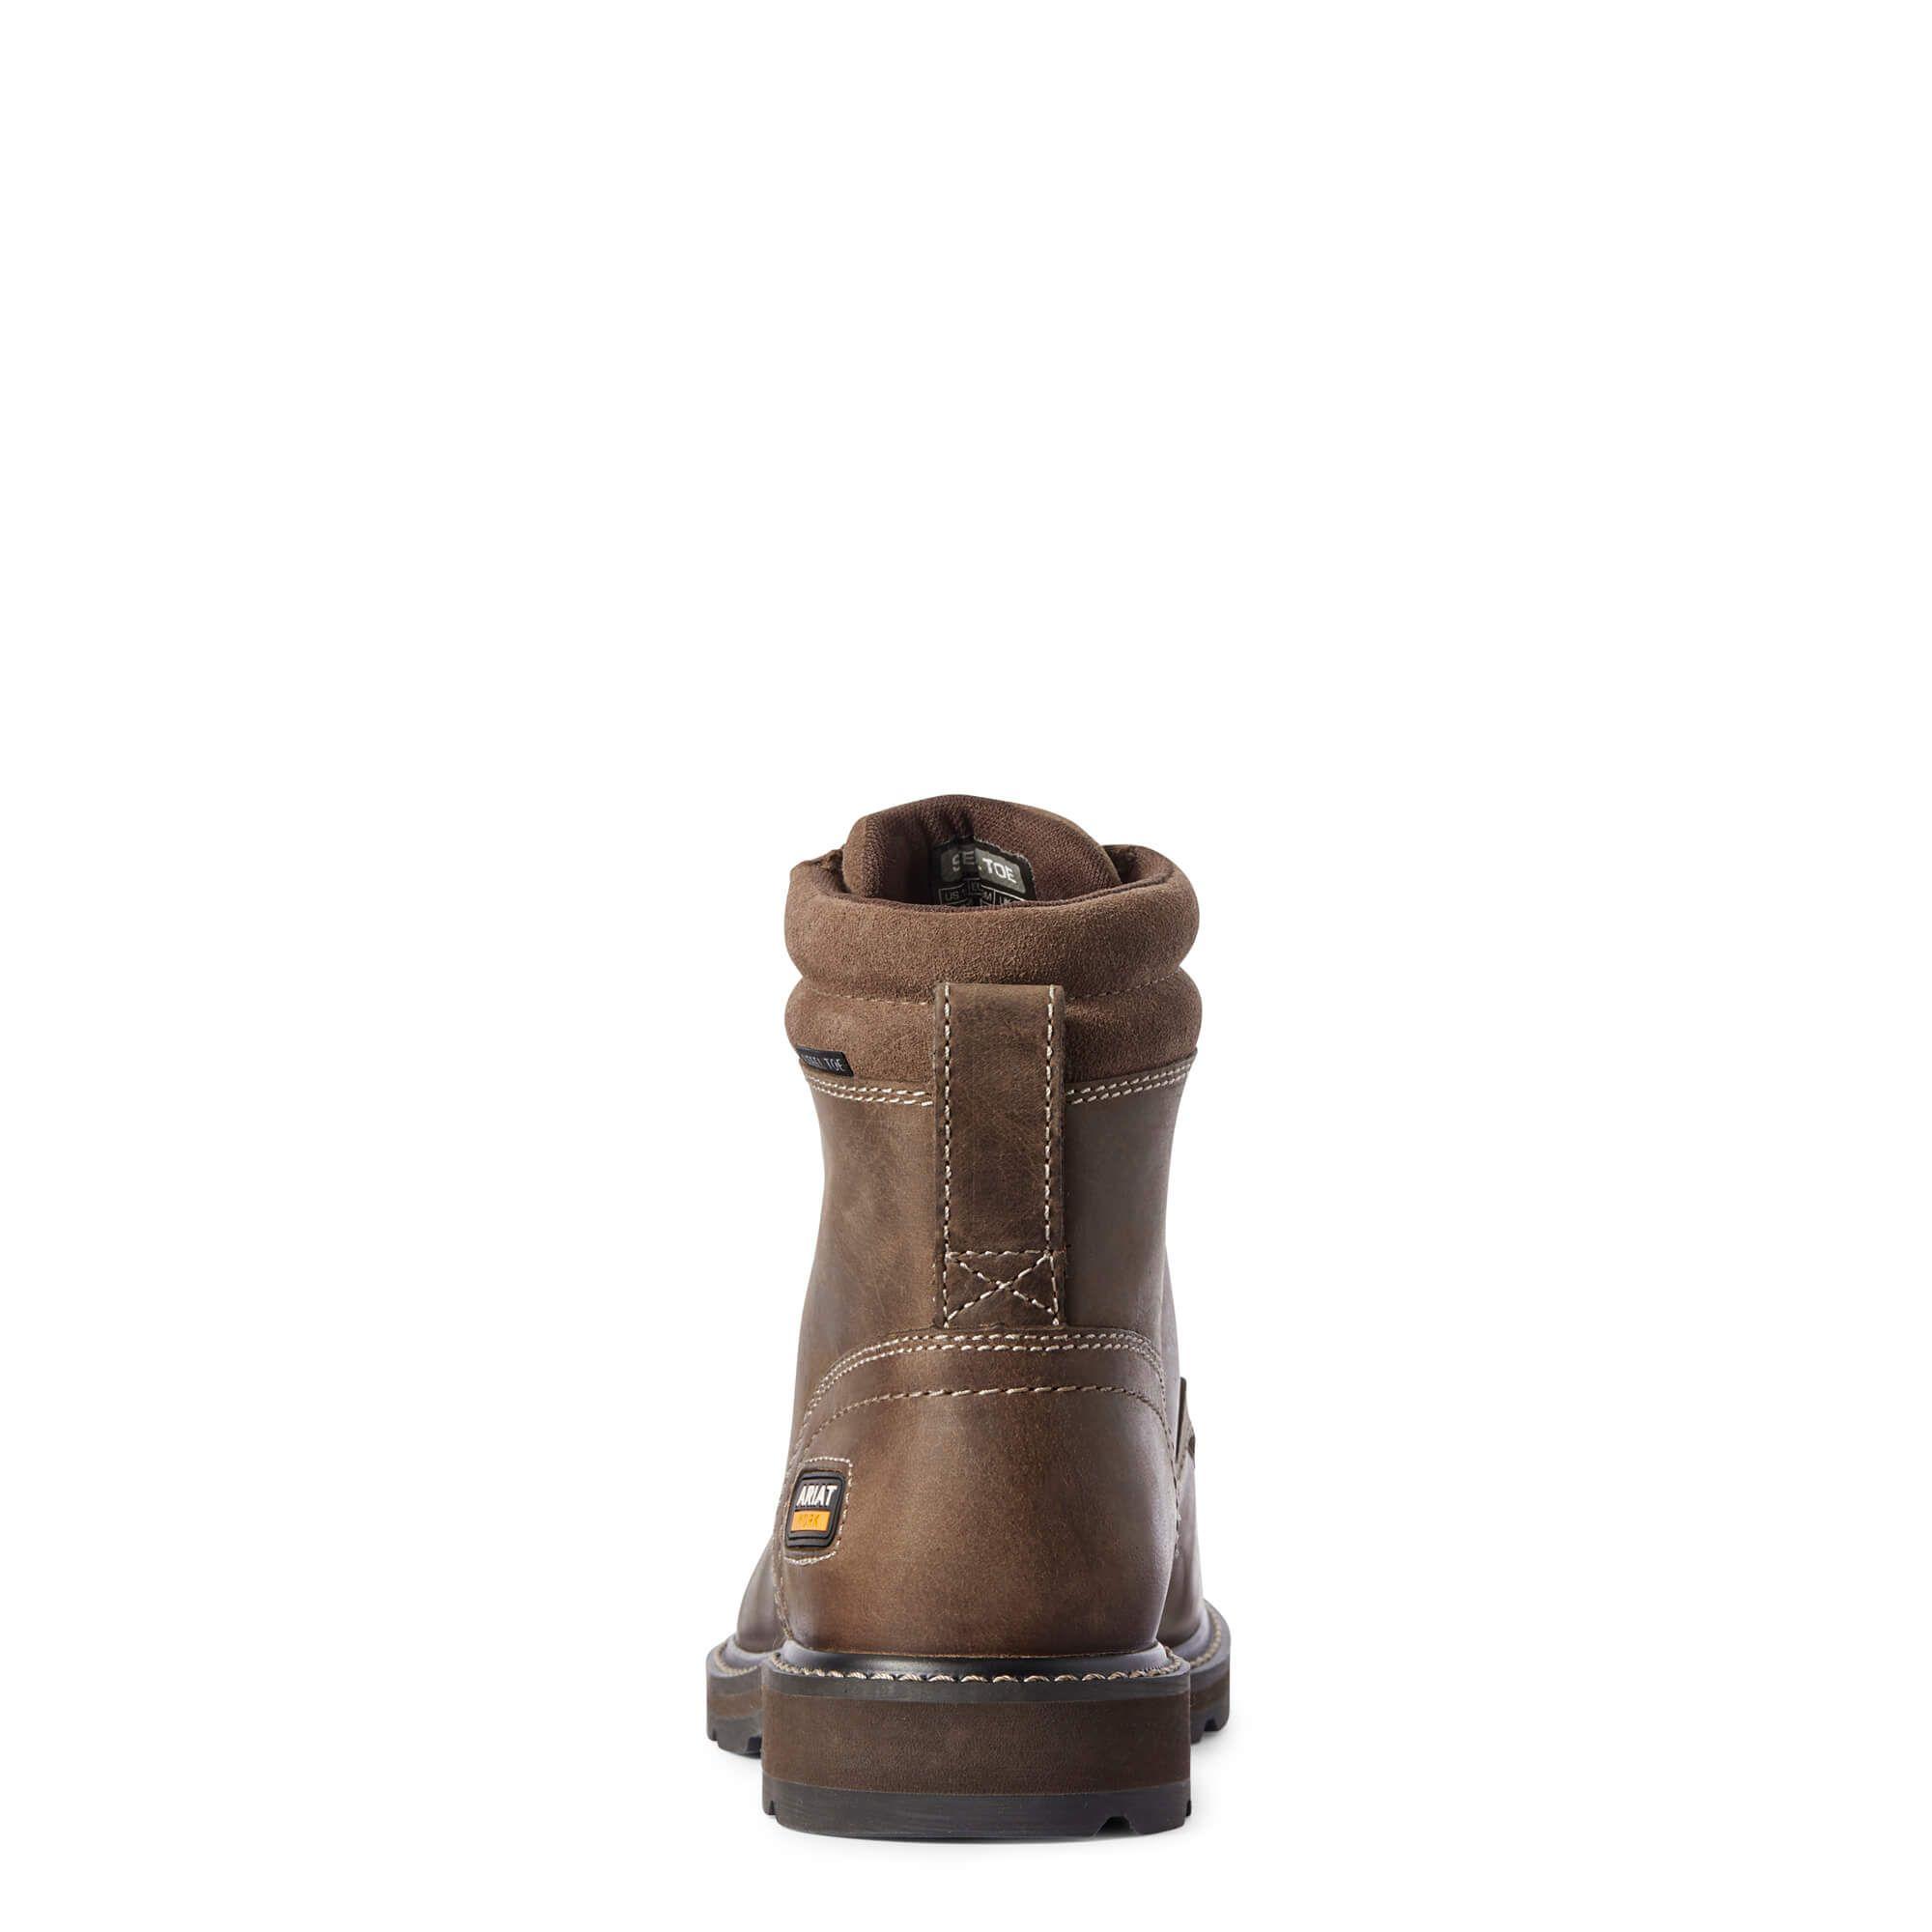 Groundbreaker 6 Ii Steel Toe Work Boot In 2020 Steel Toe Work Boots Steel Toe Boots